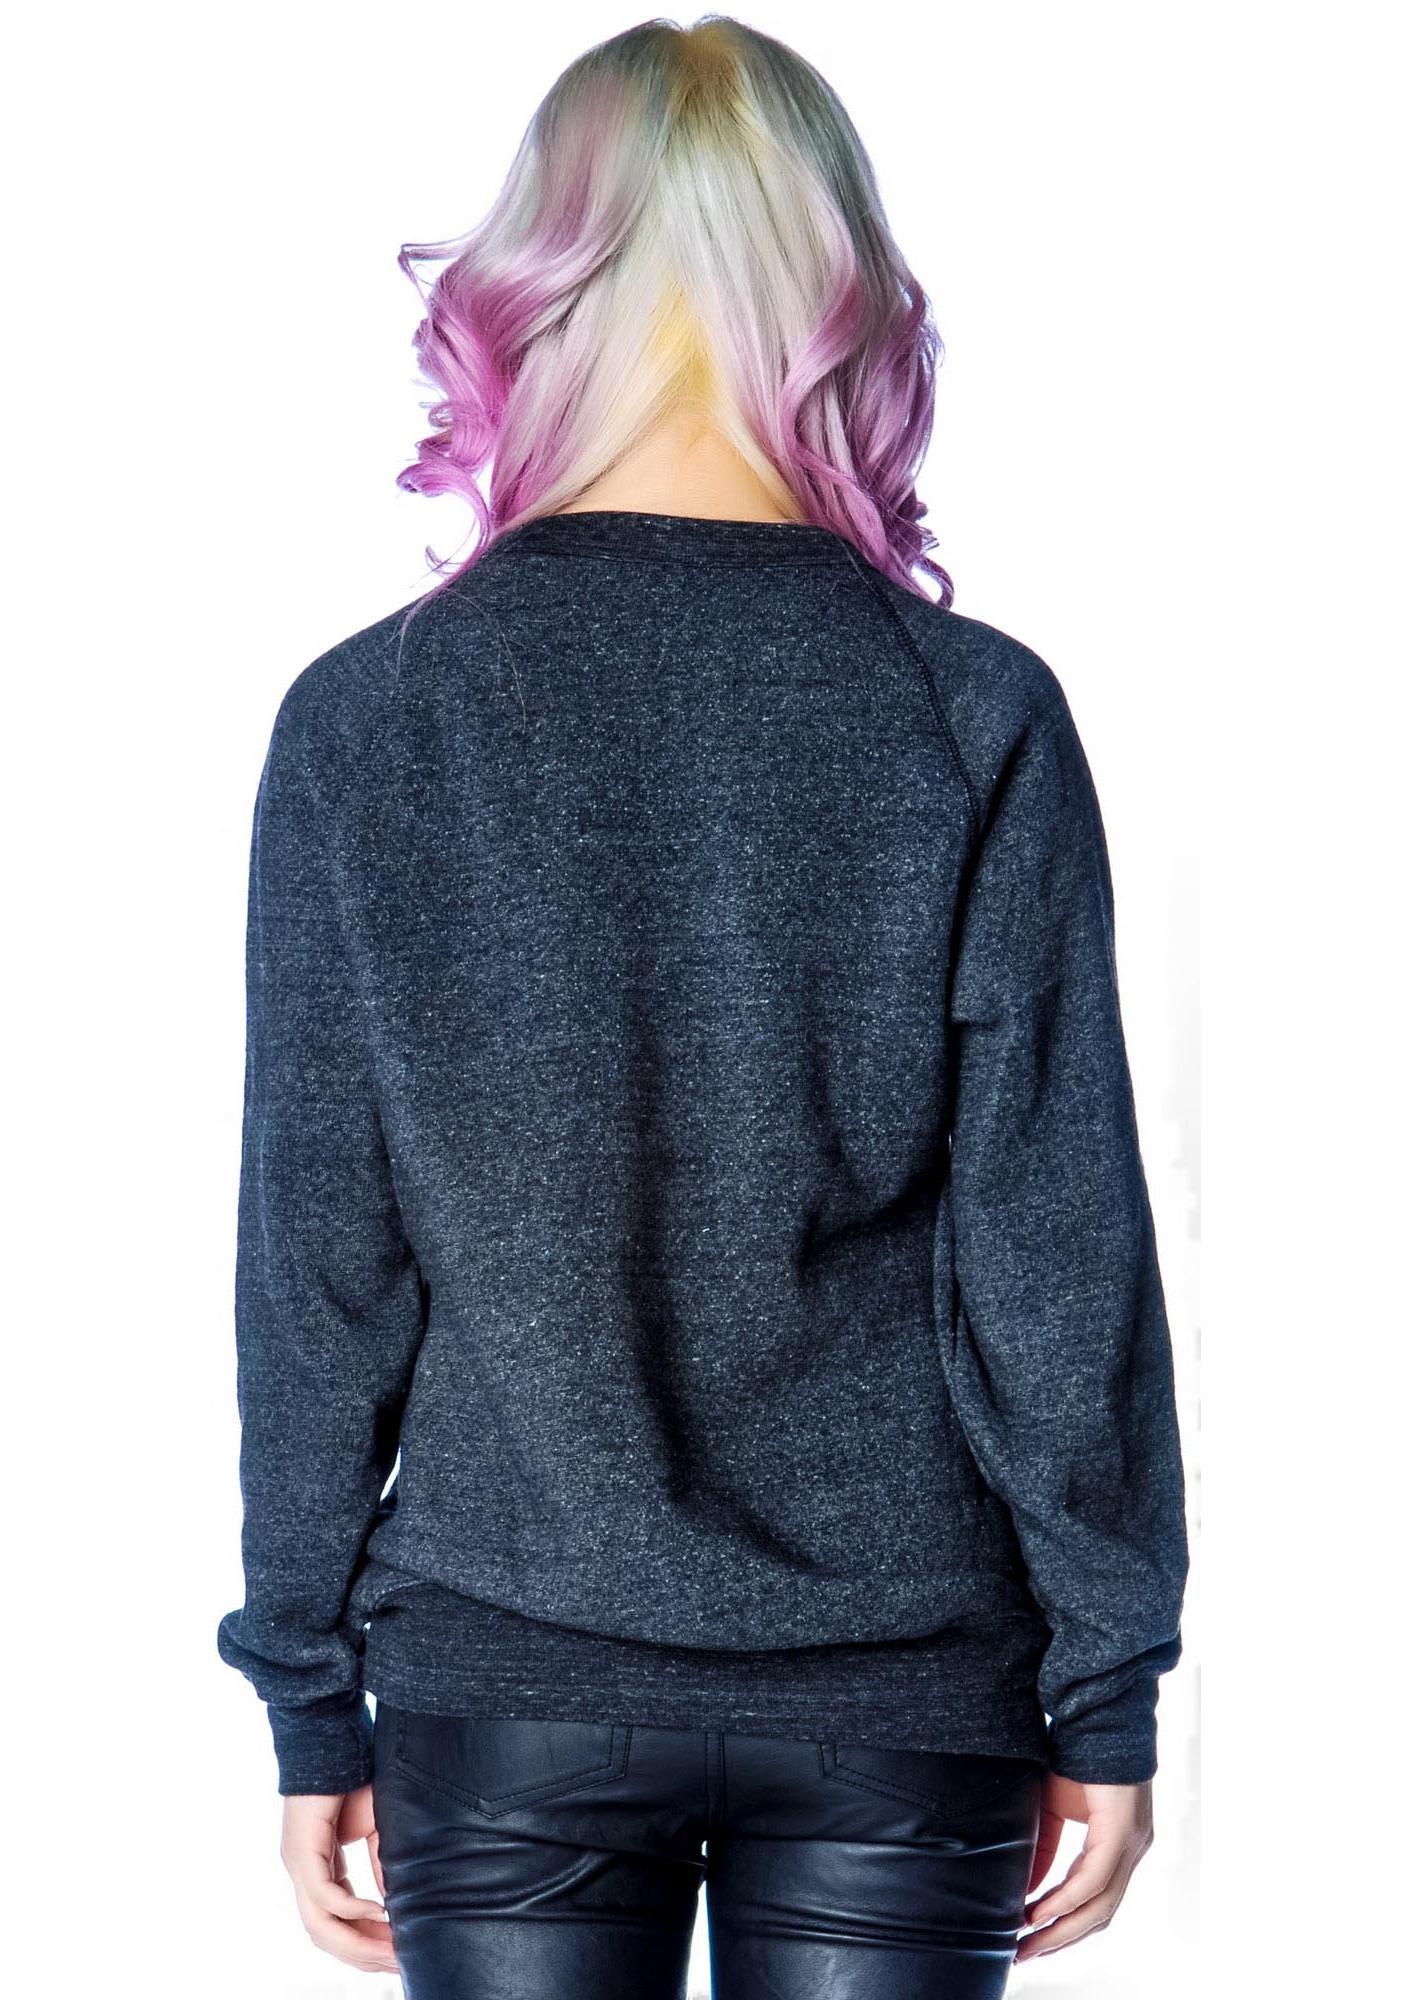 Kill Brand LA Kills Crew Sweatshirt